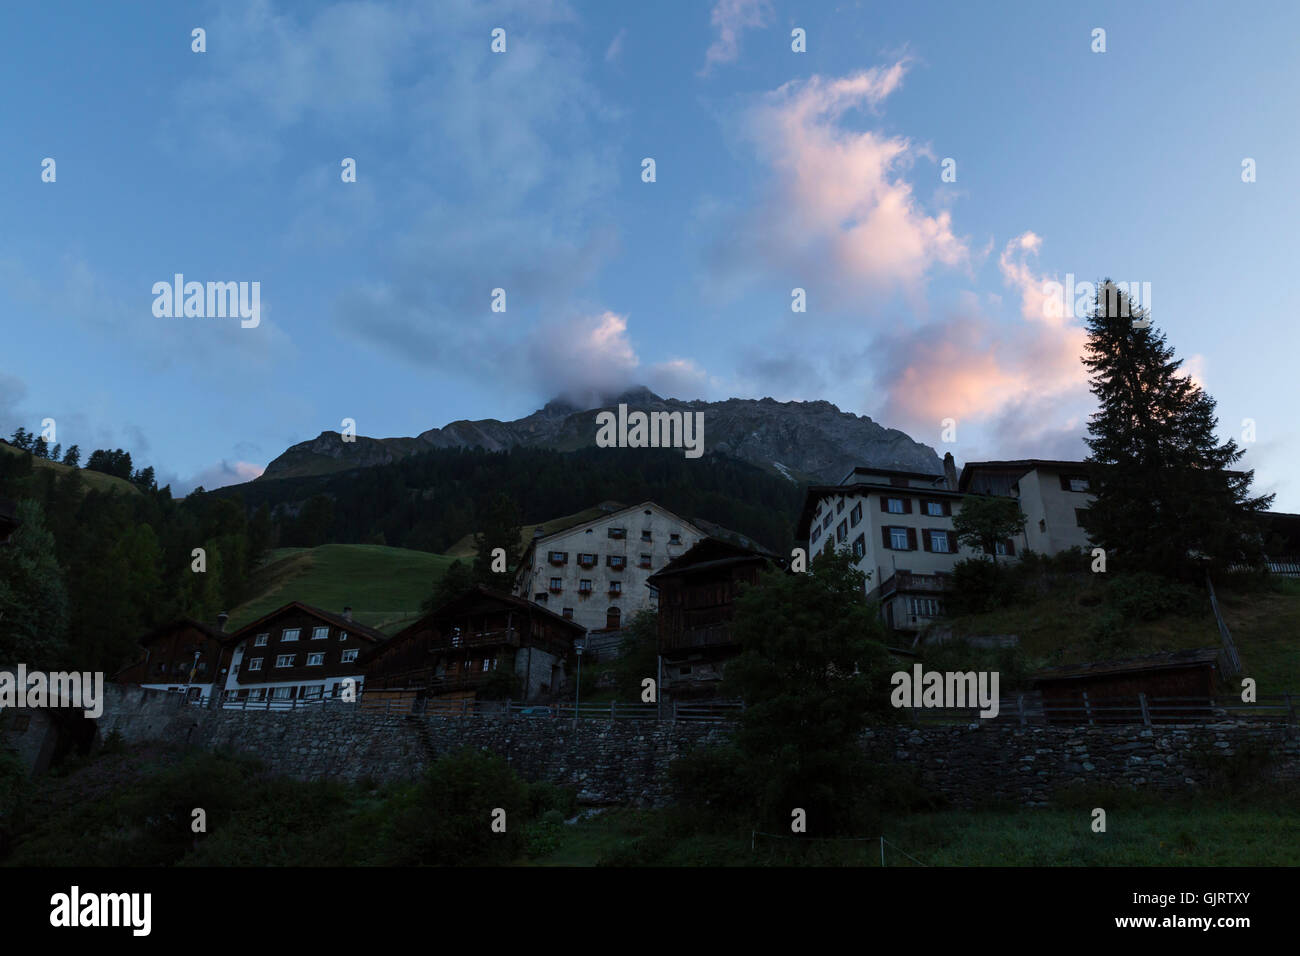 Vue sur plusieurs bâtiments ruraux, à l'aube dans une petite ville de montagne dans l'est de la Suisse Banque D'Images